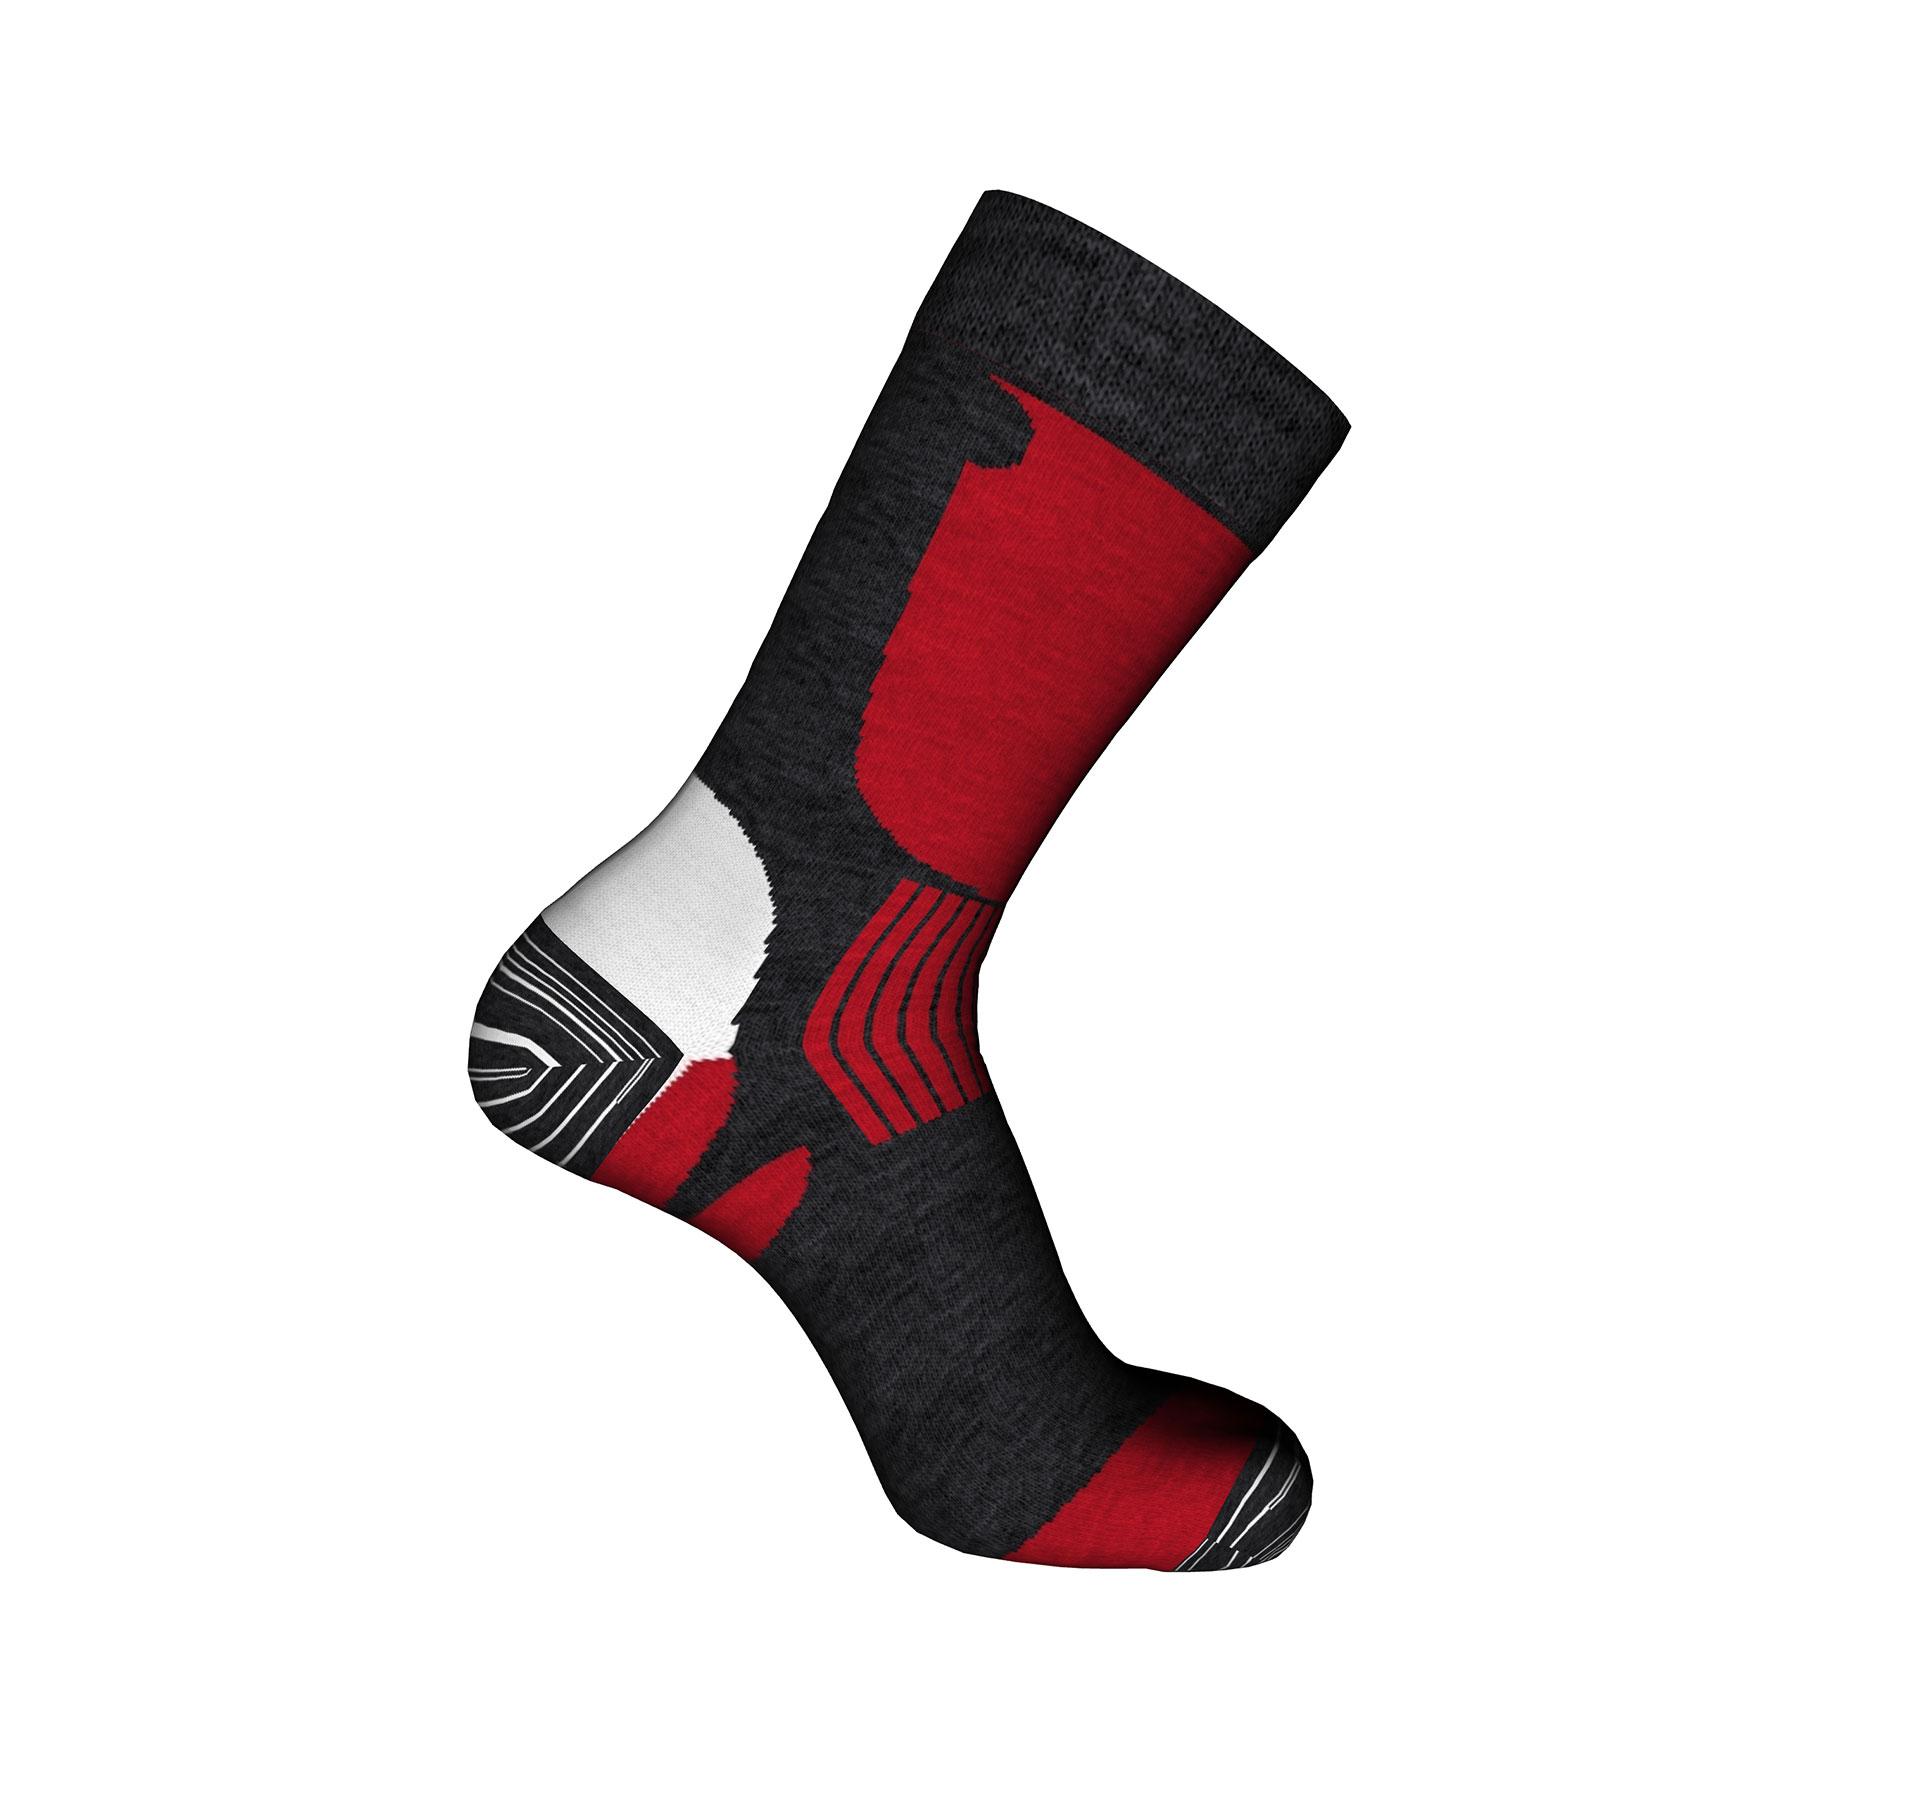 vendita calze sportive da trekking rosse